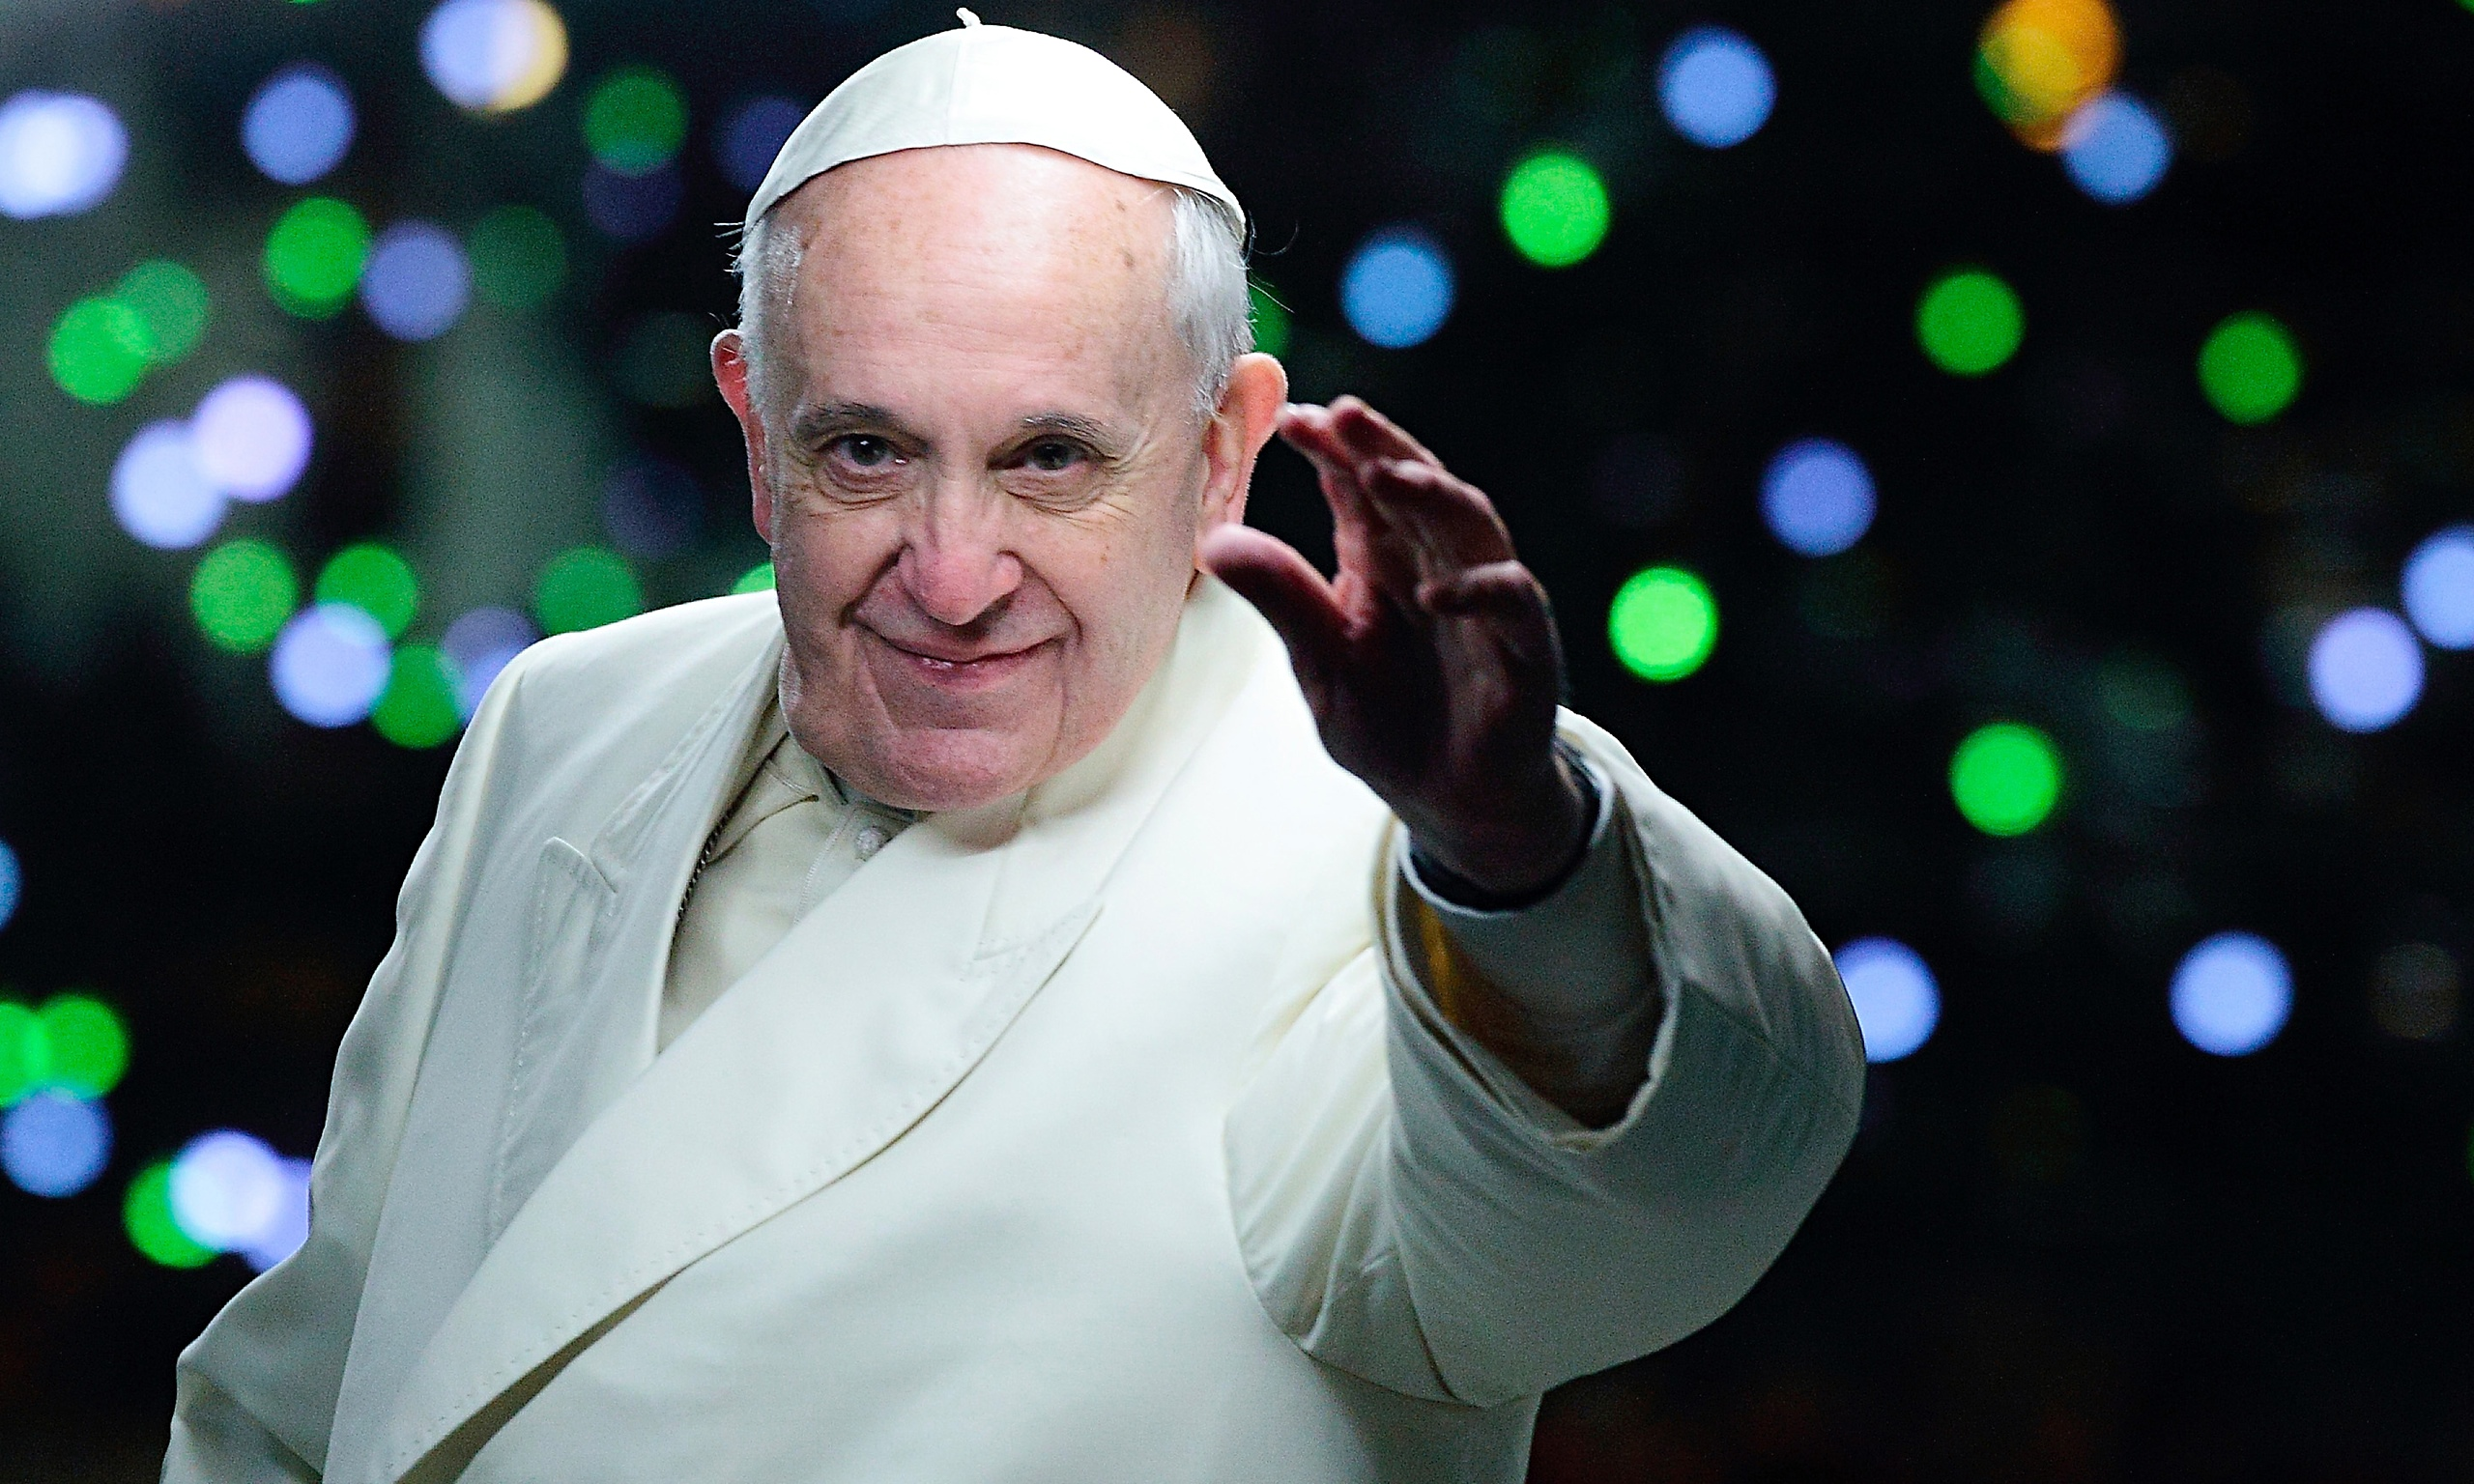 Объркването на папата по темата за легализацията на канабиса